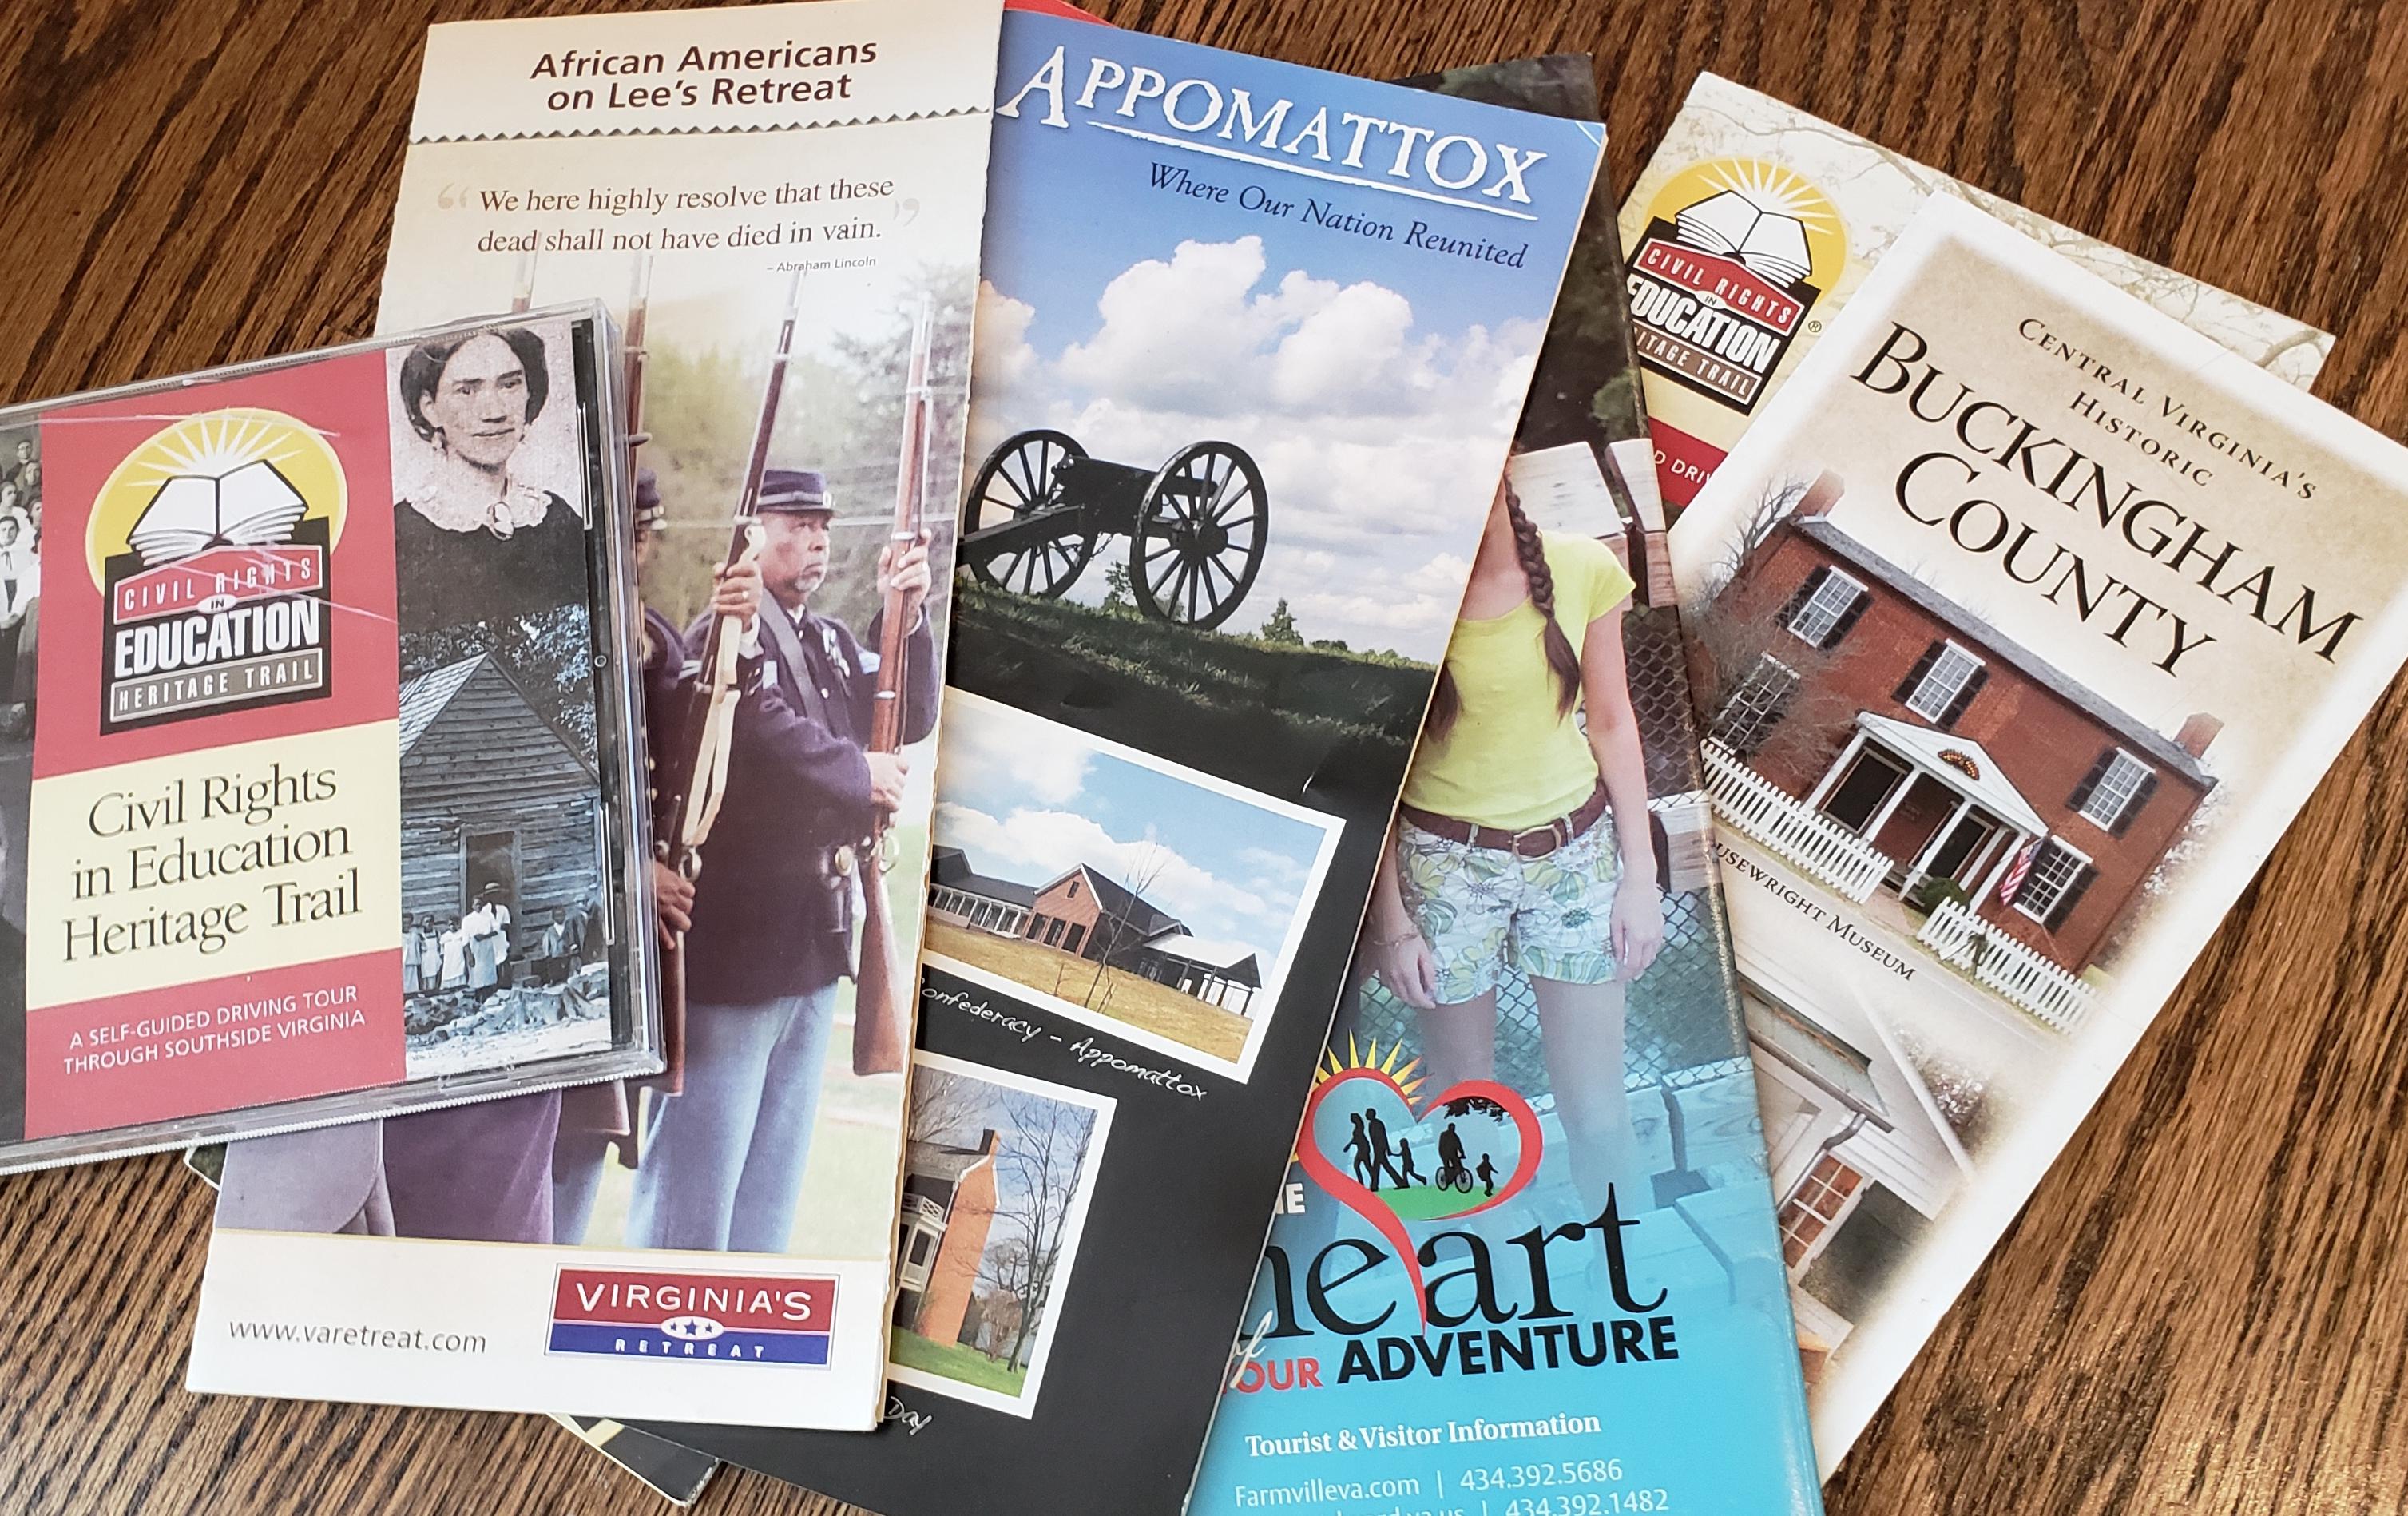 Brochures from Virginia's Retreat